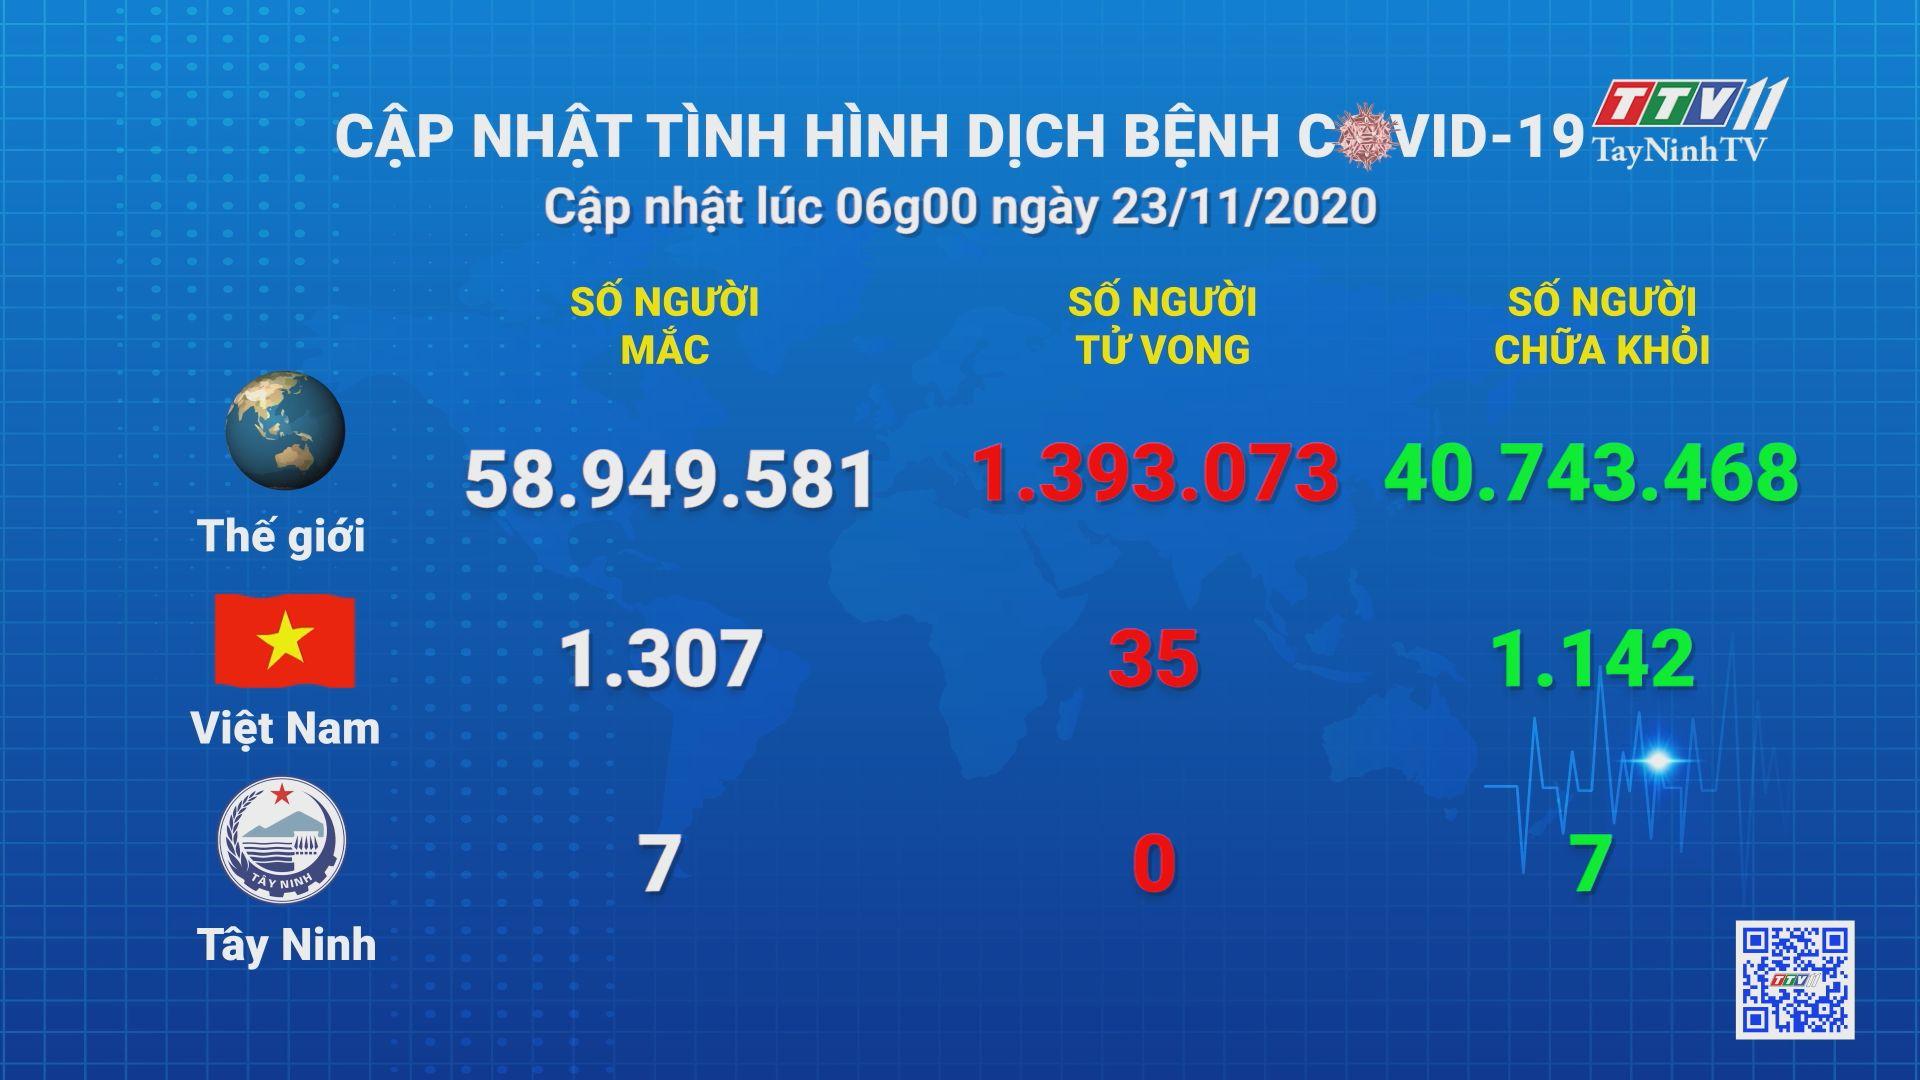 Cập nhật tình hình Covid-19 vào lúc 06 giờ 23-11-2020 | Thông tin dịch Covid-19 | TayNinhTV